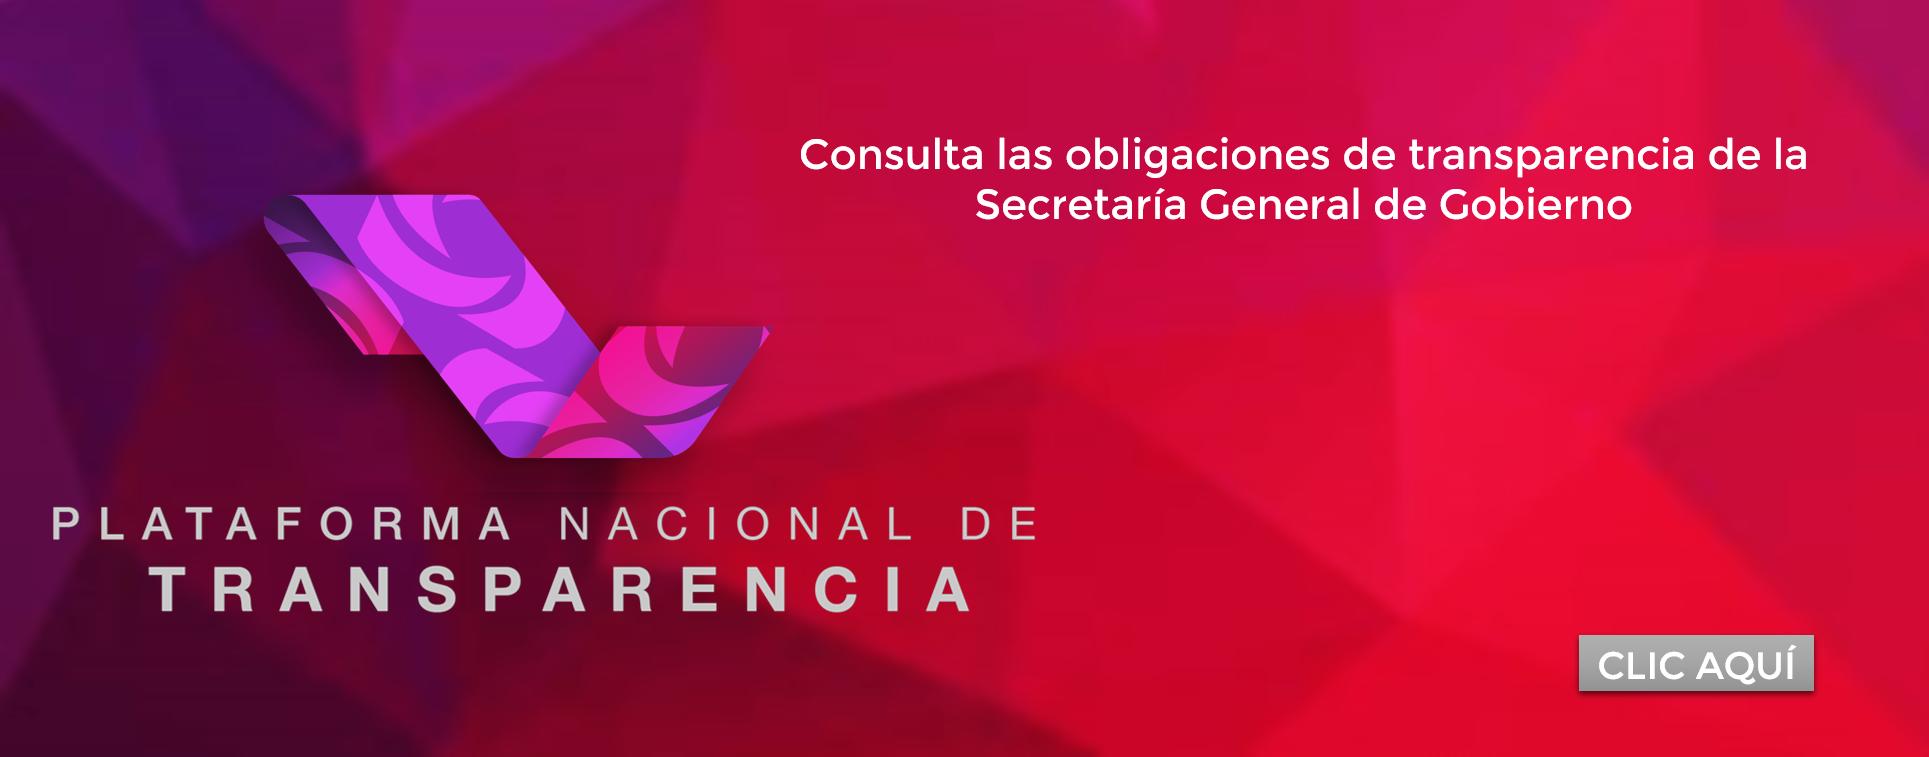 Consulta las obligaciones de transparencia de la Secretaría General de Gobierno